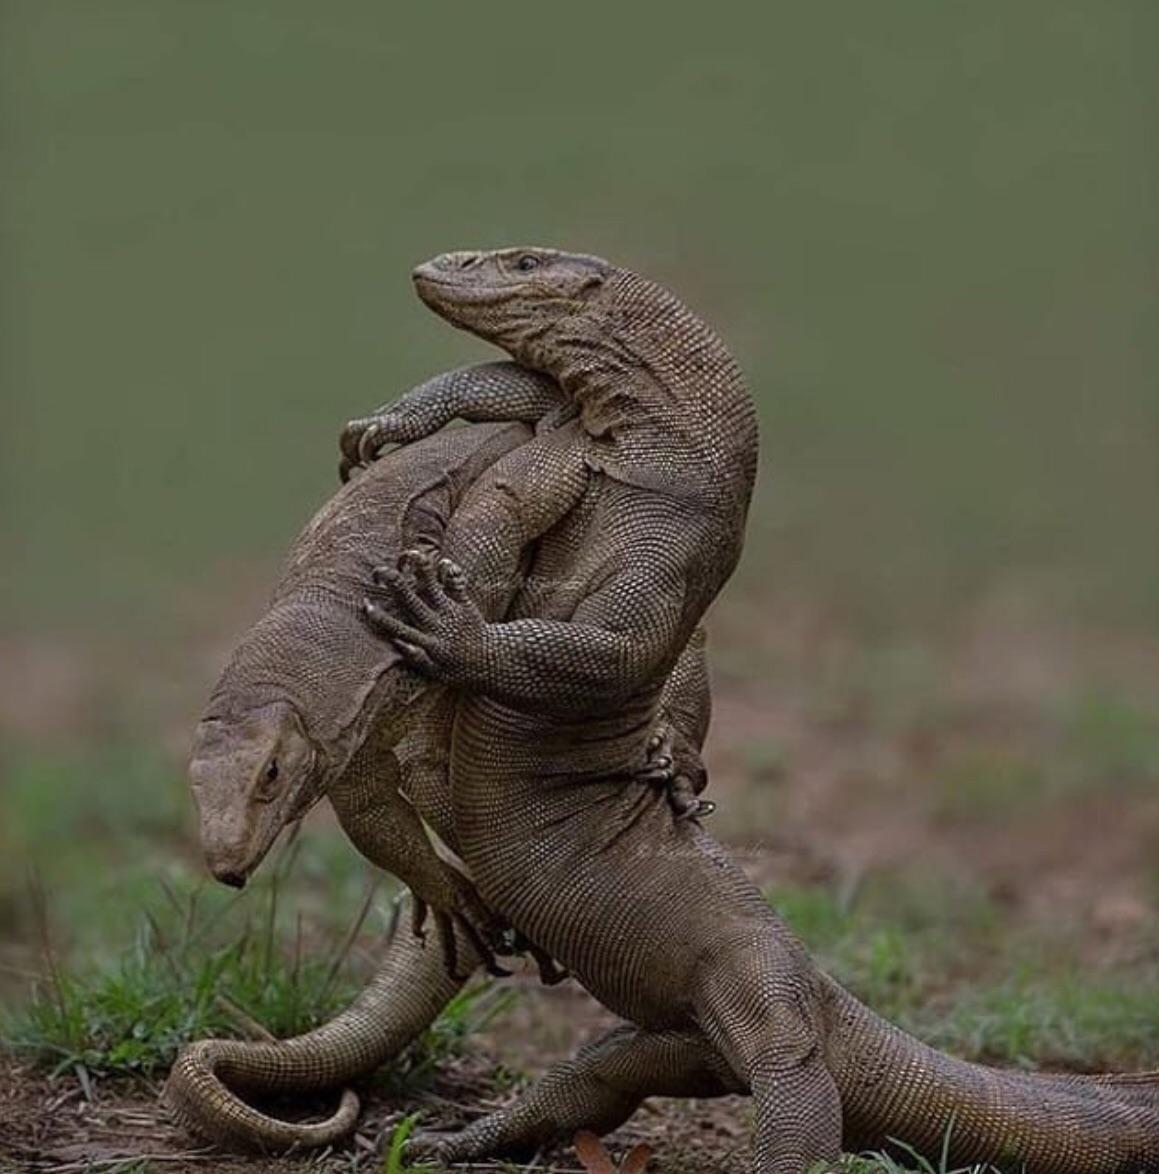 Lizard Vs Gecko Fight Comparison Who Will Win